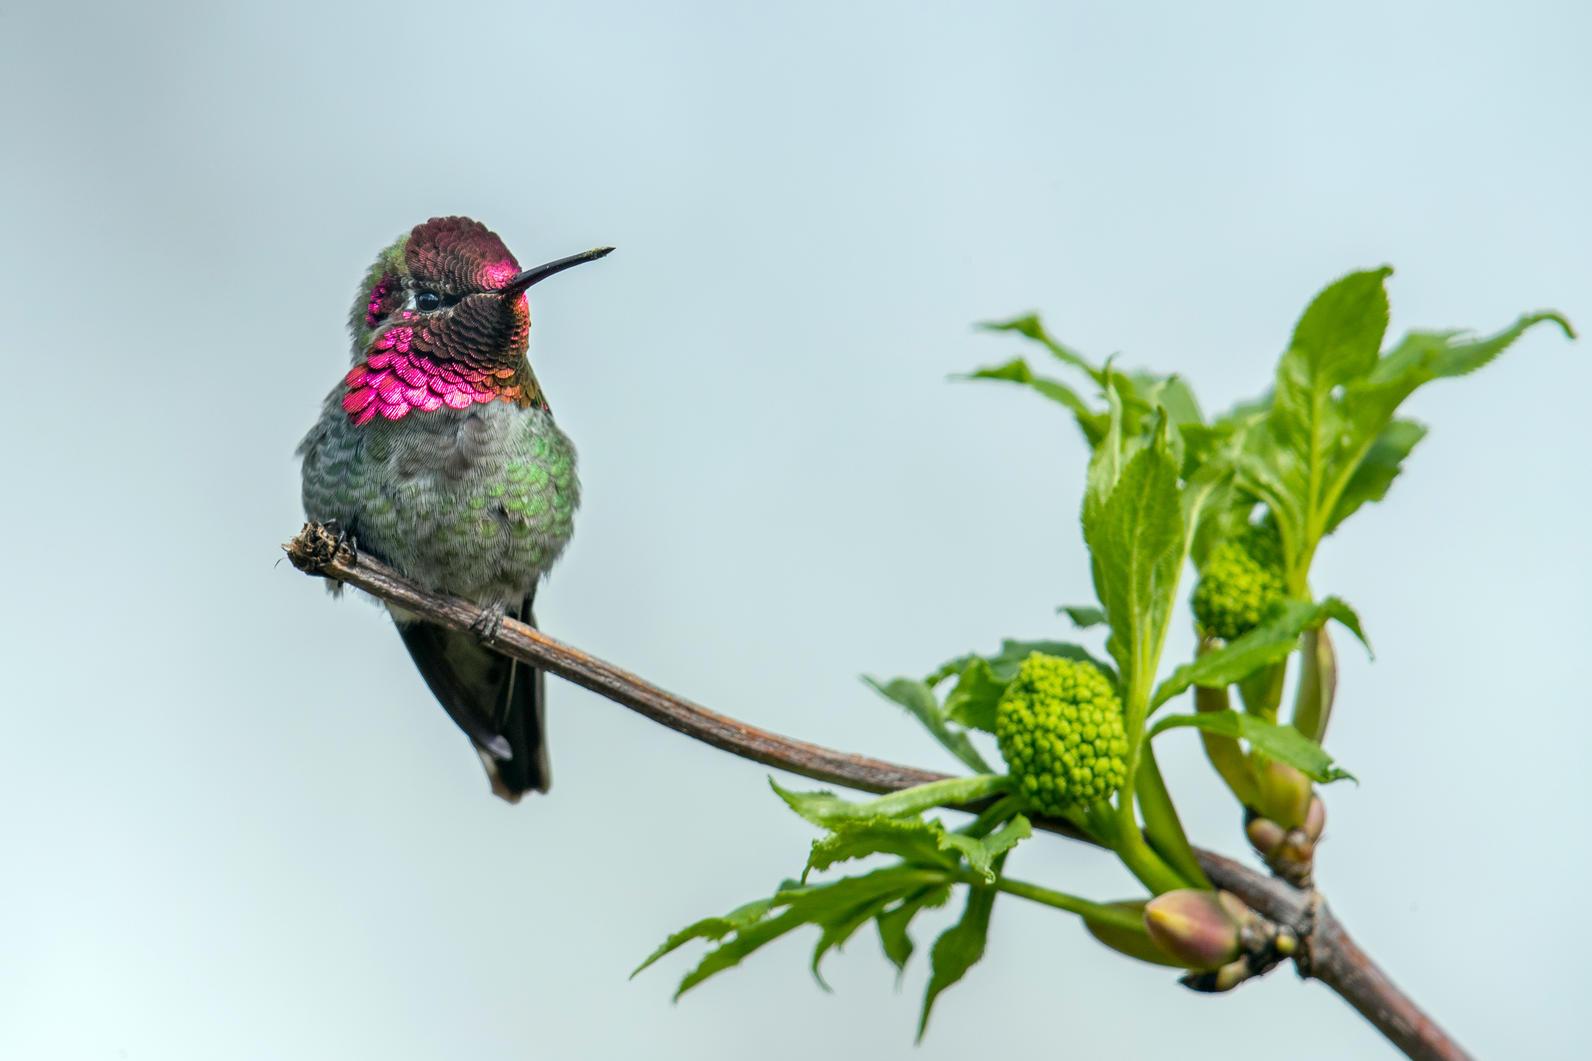 Ann's Hummingbird preached branch